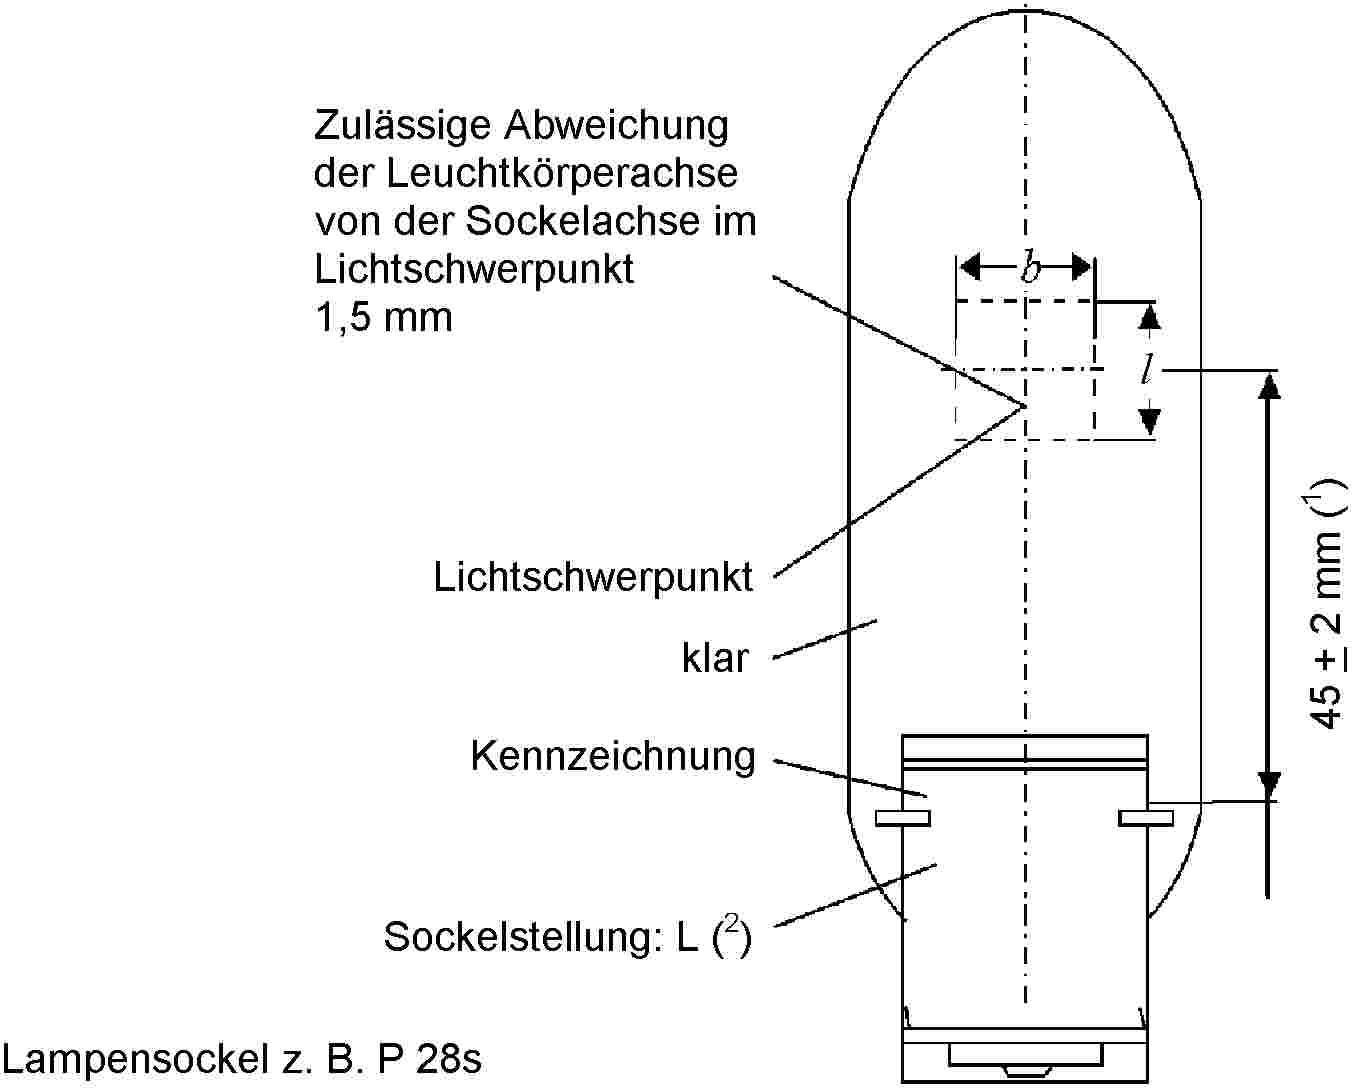 Schön 1993 Ausweichen Schaltplan Fotos - Der Schaltplan - greigo.com